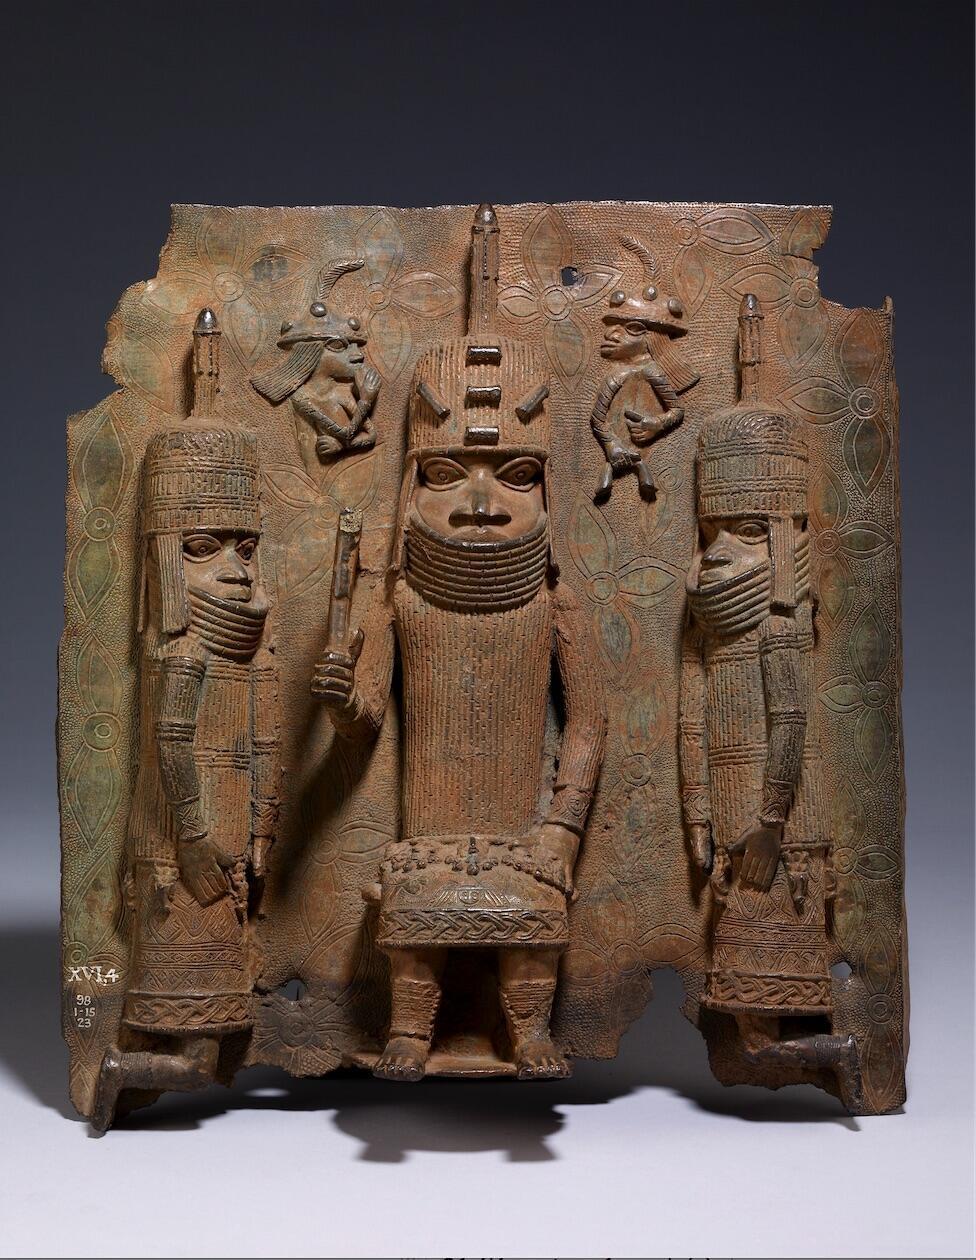 Bronce de Benín,  representando a un Oba (rey), a sus lacayos y al fondo, dos comerciantes portugueses. 1500-1600.